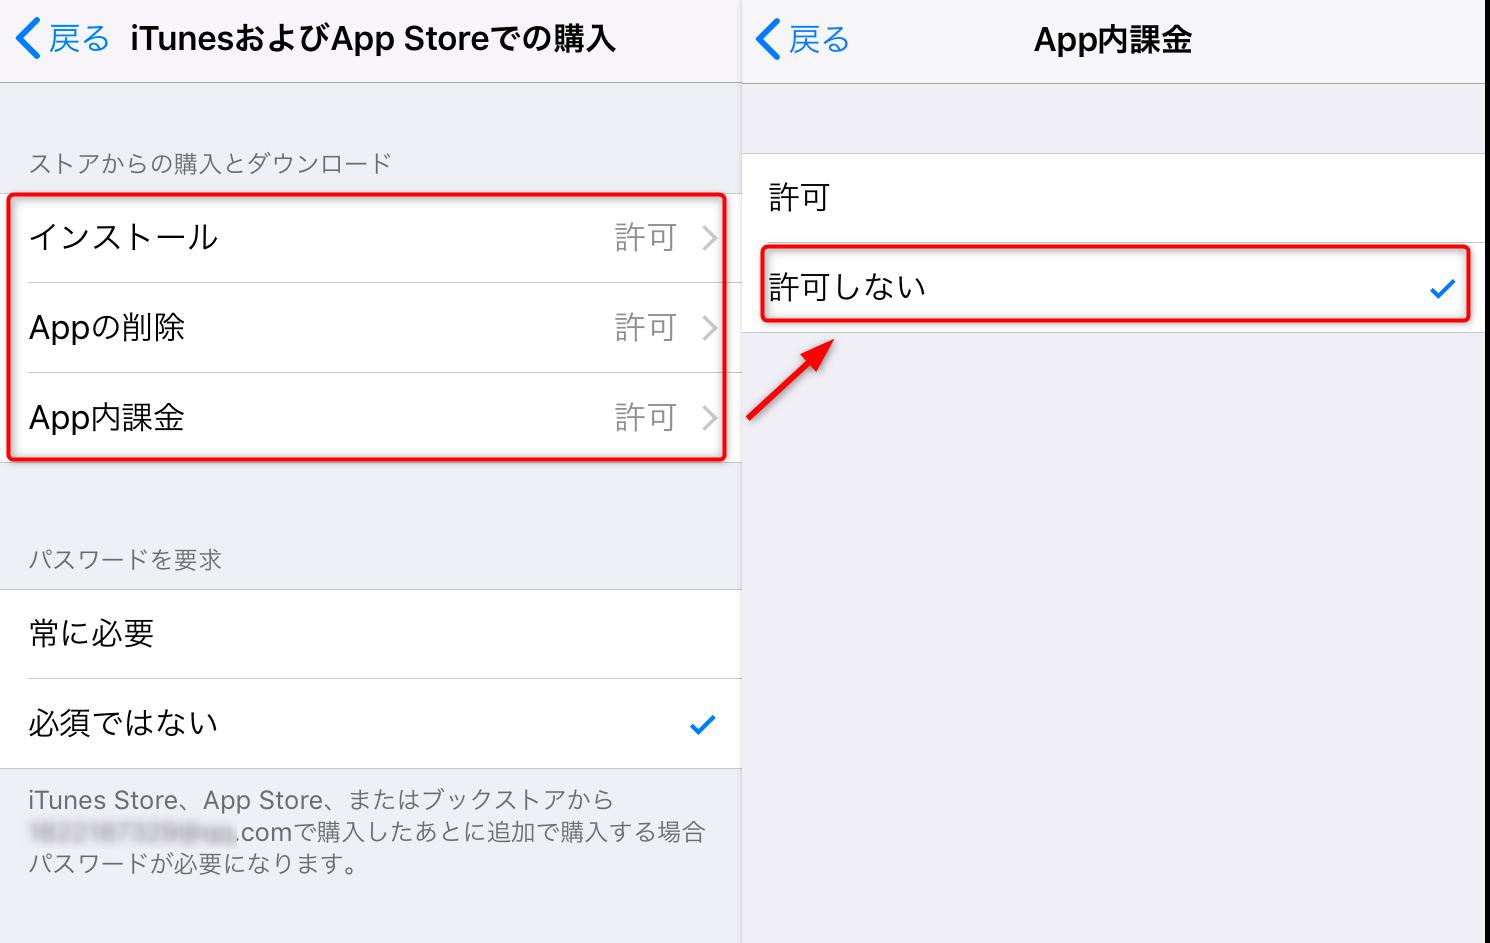 子供のiPhone/iPadで設定すべき機能制限 6